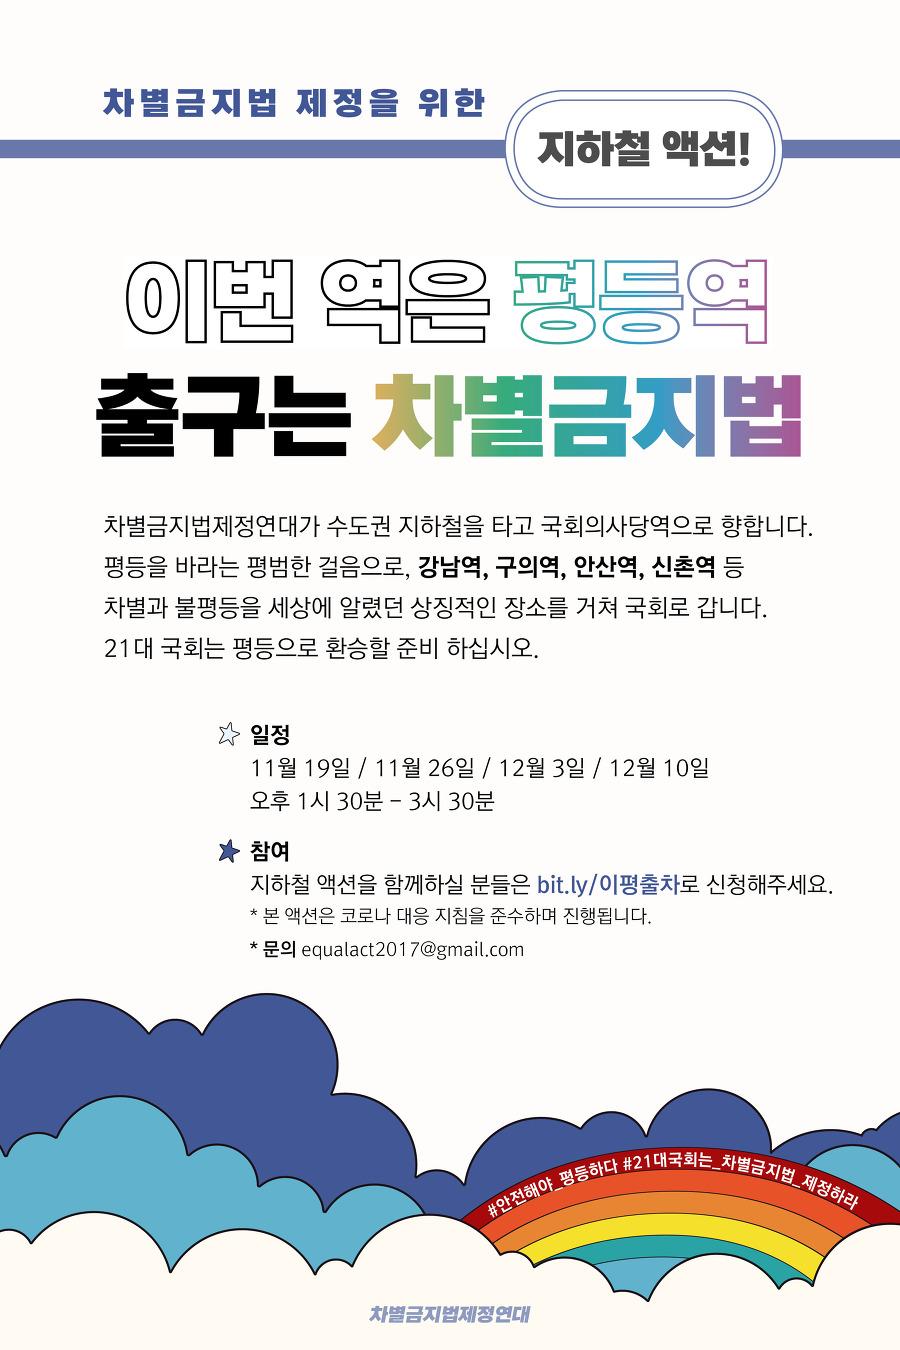 차별금지법제정연대 지하철 액션 <이번 역은..